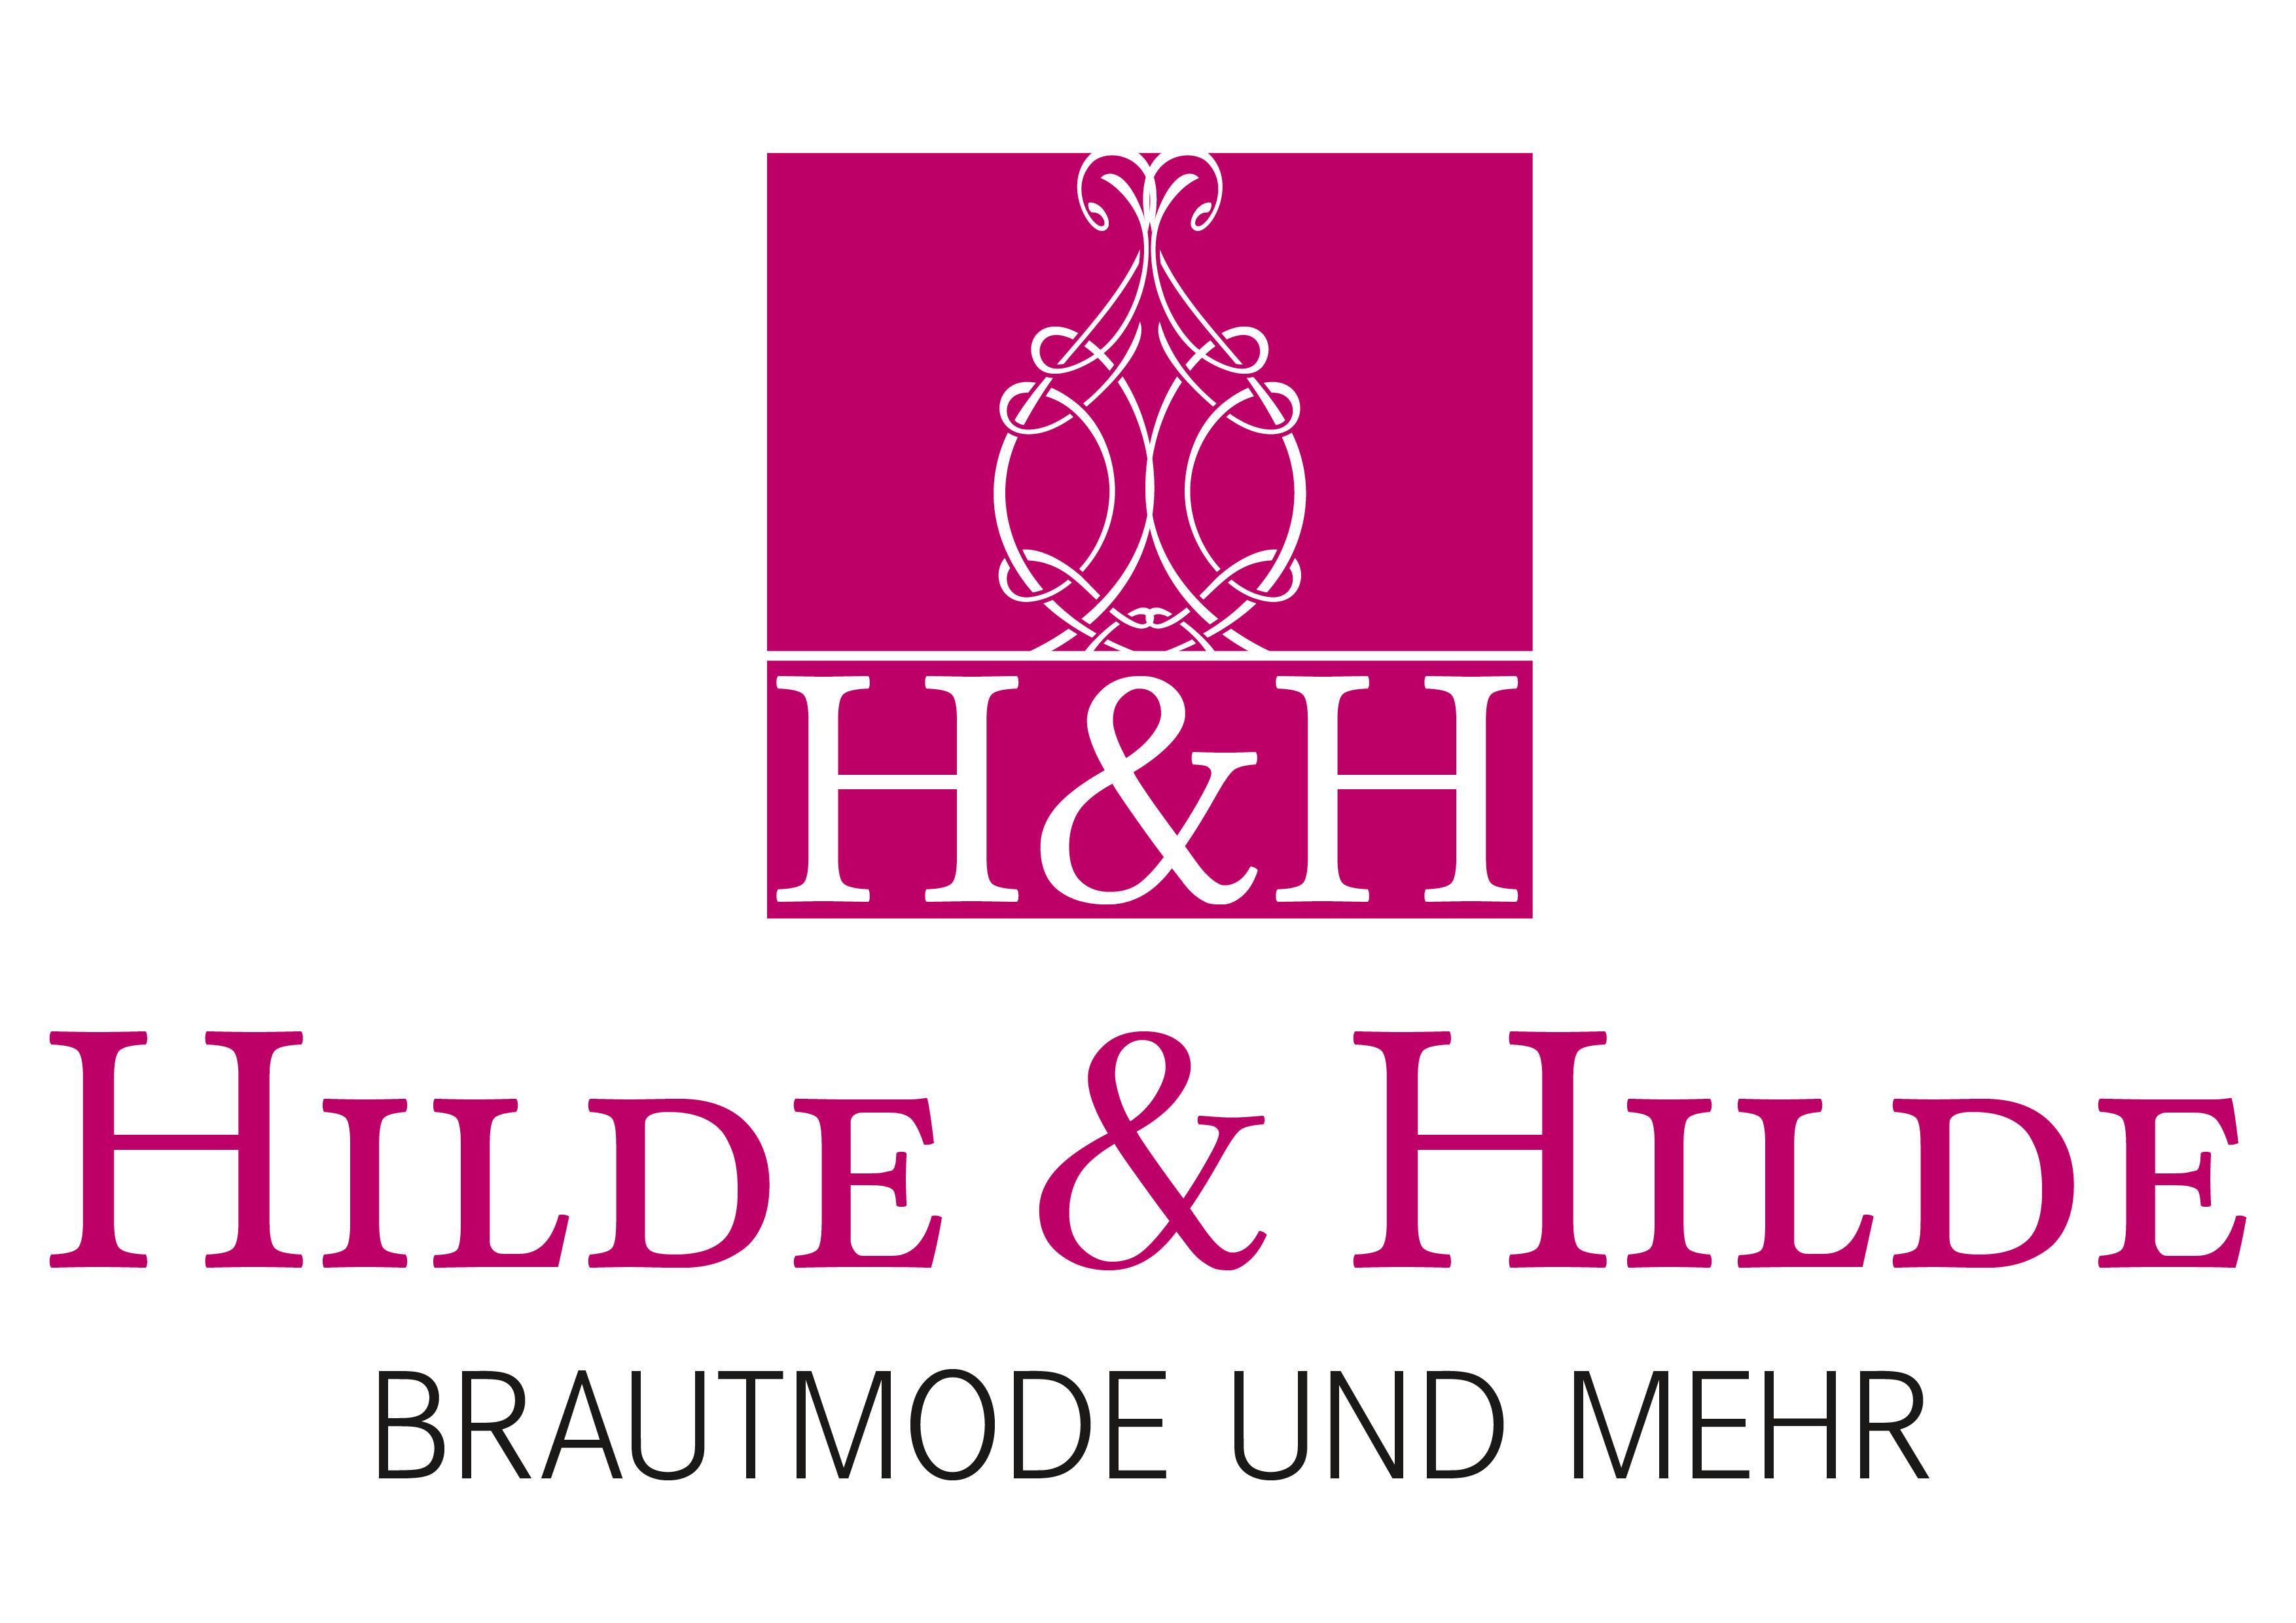 Hilde & Hilde Brautmode und Mehr